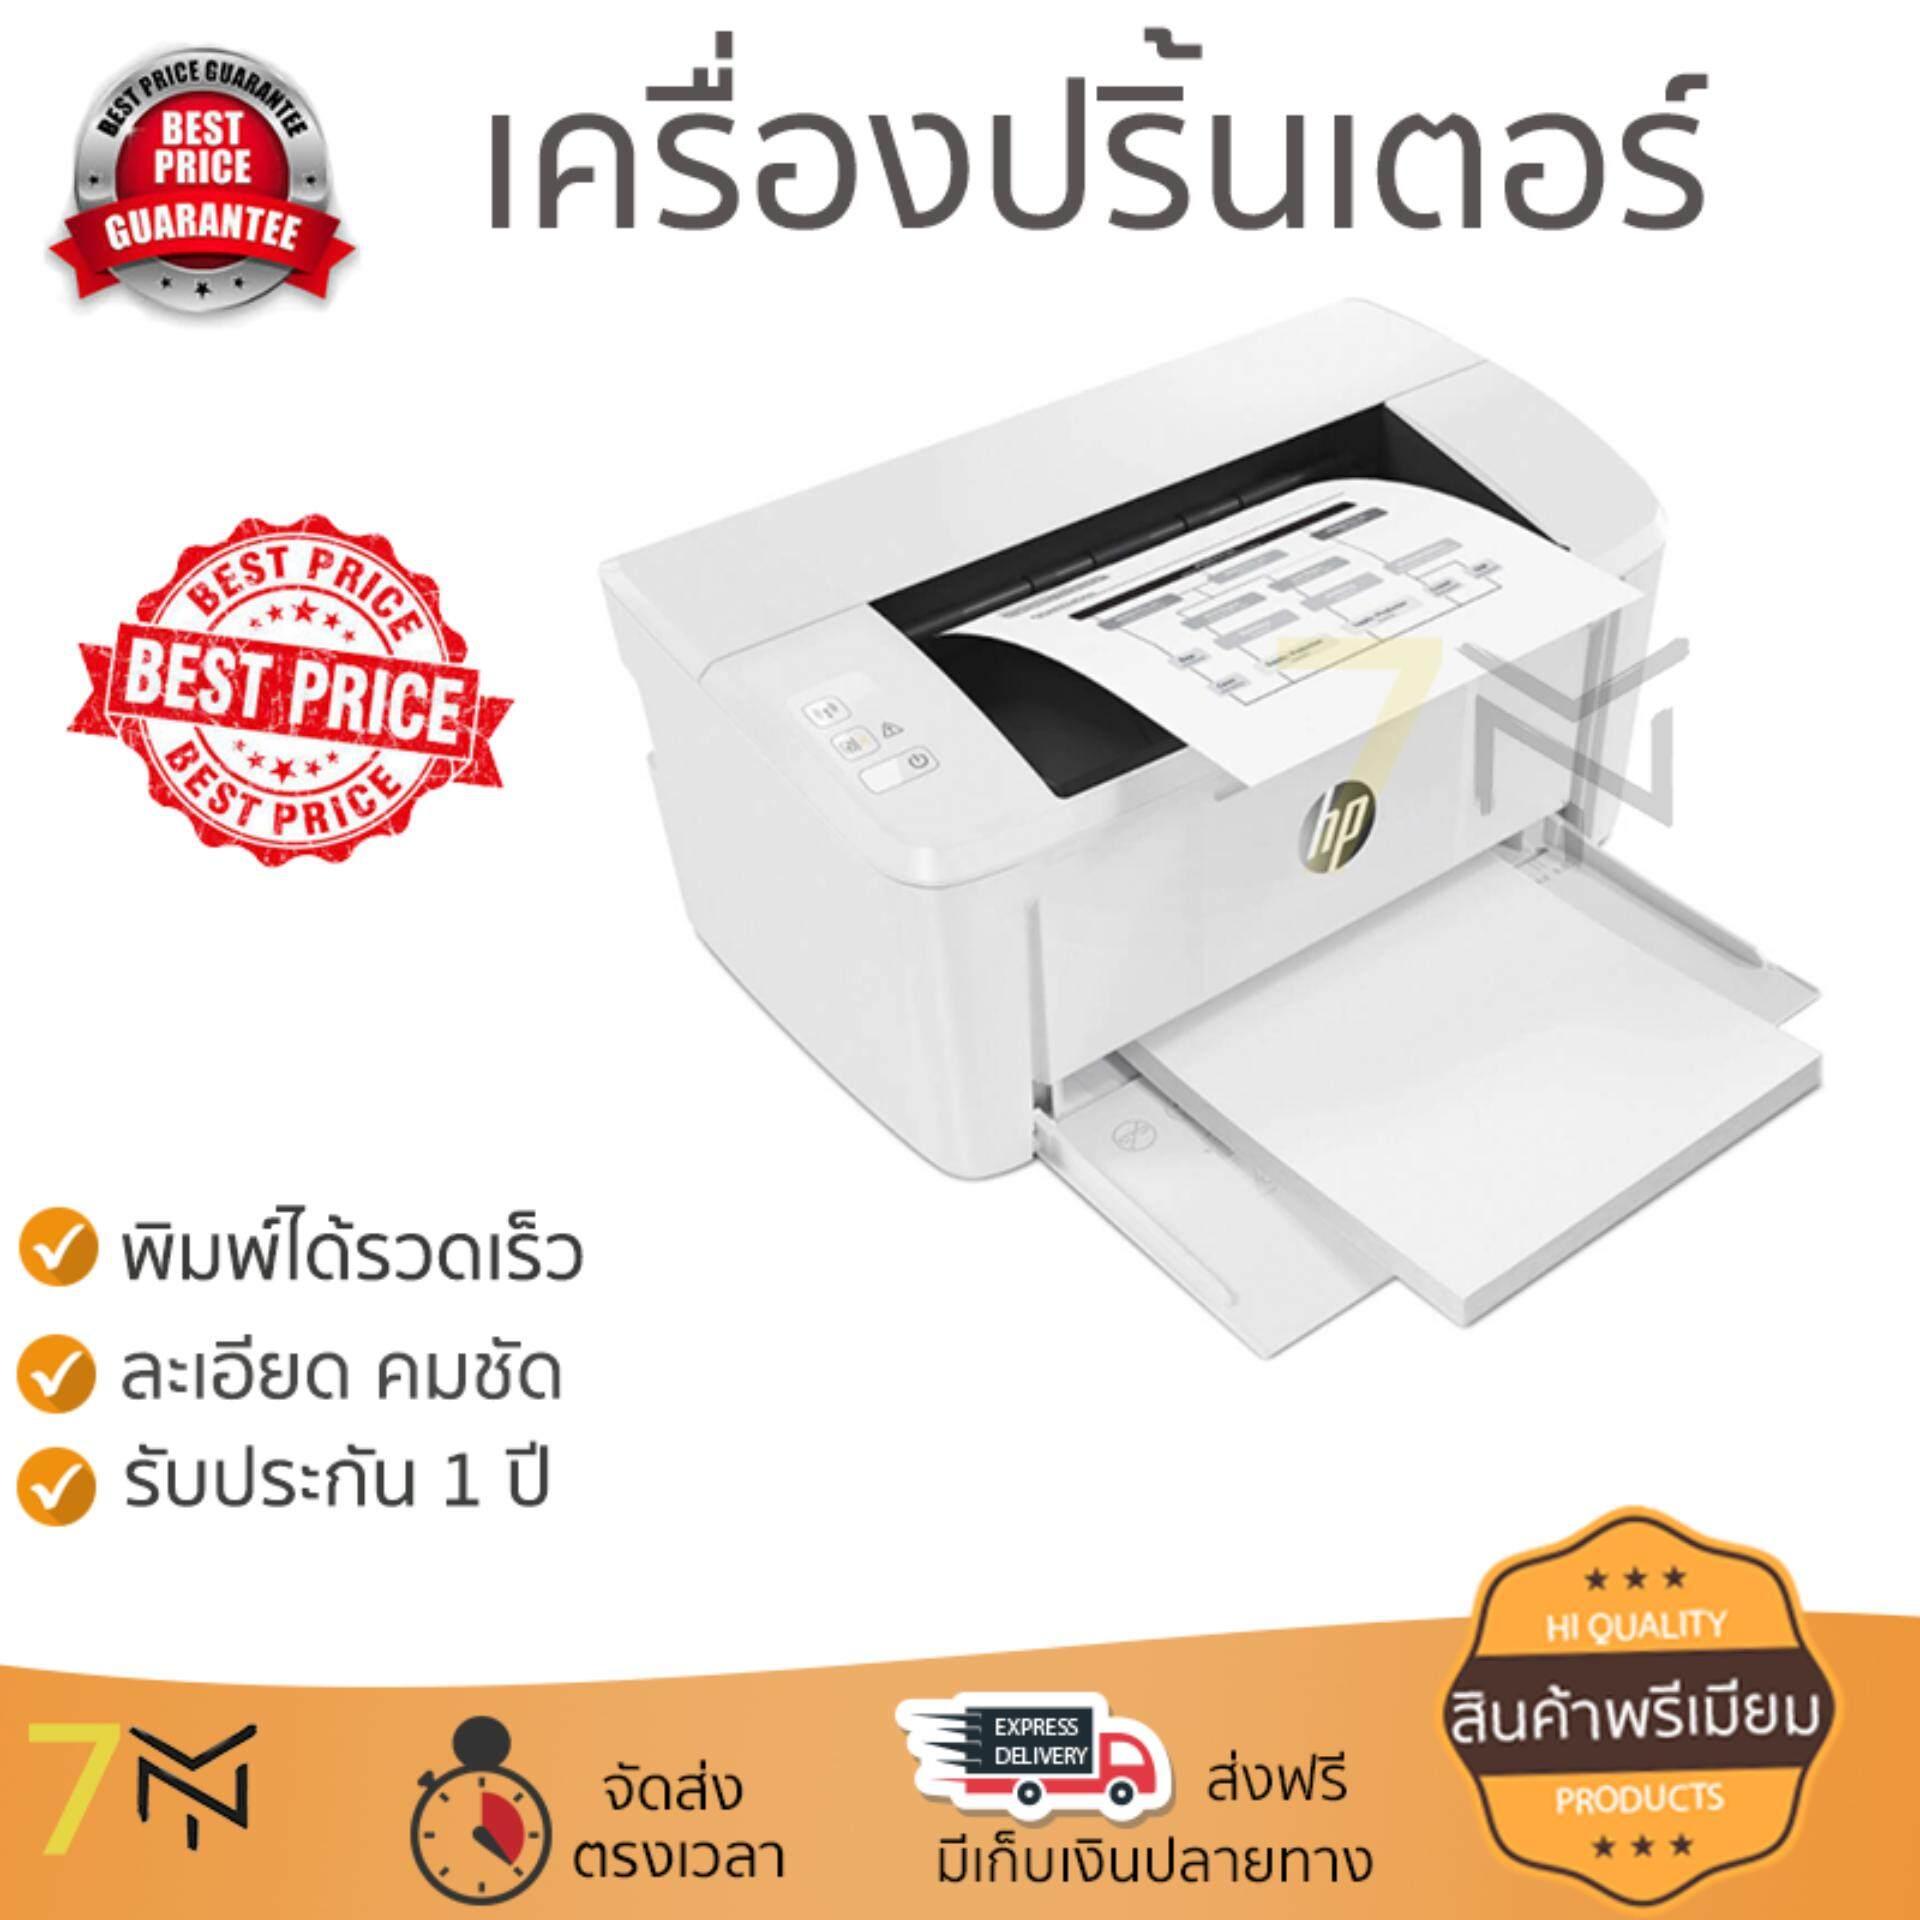 สุดยอดสินค้า!! โปรโมชัน เครื่องพิมพ์เลเซอร์           HP ปริ้นเตอร์ เลเซอร์ รุ่น PRO M15W             ความละเอียดสูง คมชัด พิมพ์ได้รวดเร็ว เครื่องปริ้น เครื่องปริ้นท์ Laser Printer รับประกันสินค้า 1 ป